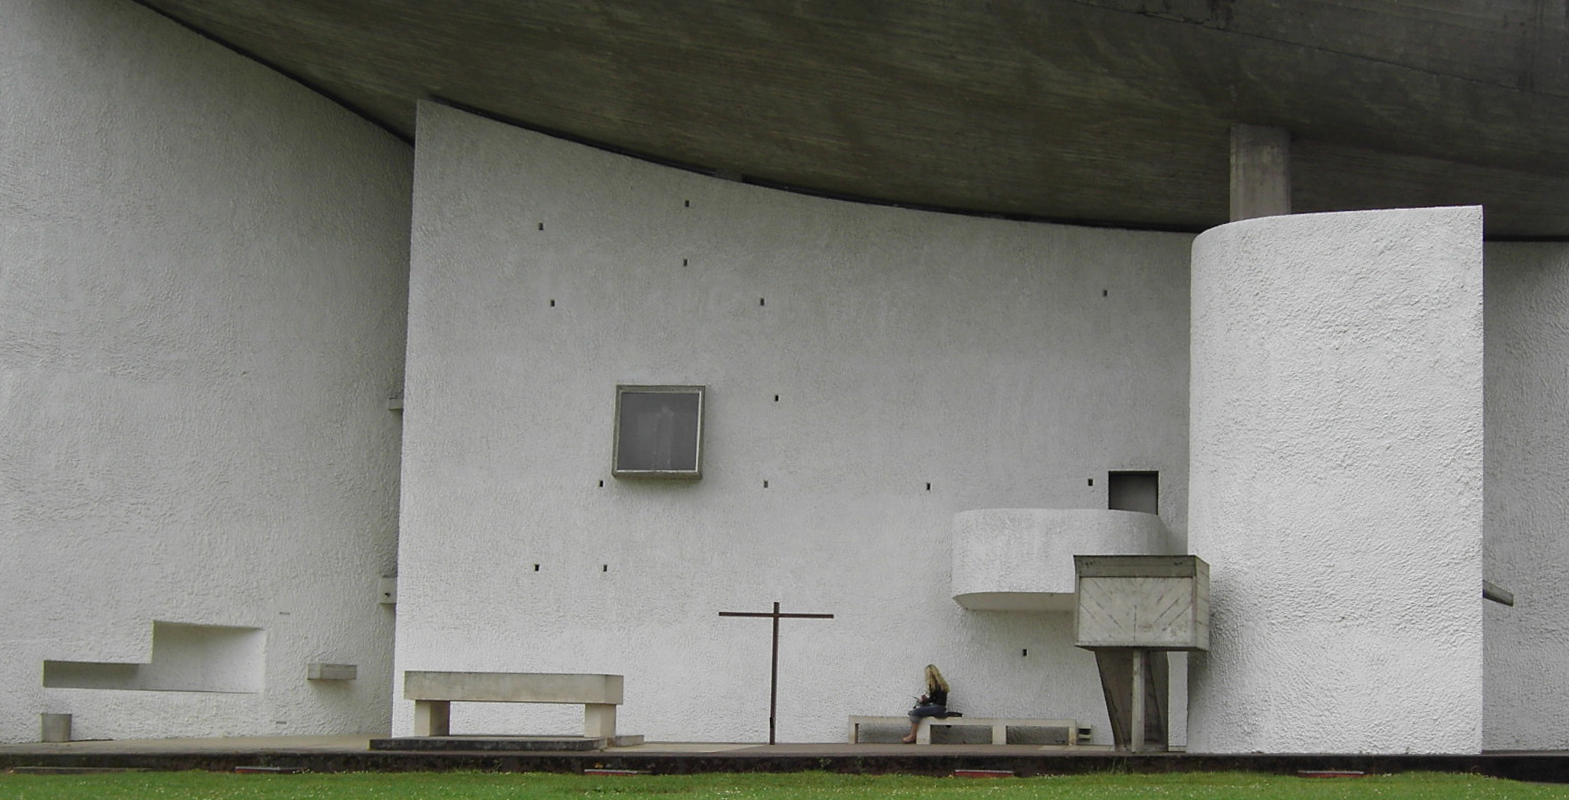 Archikey.com | Buildings | Notre Dame du Haut